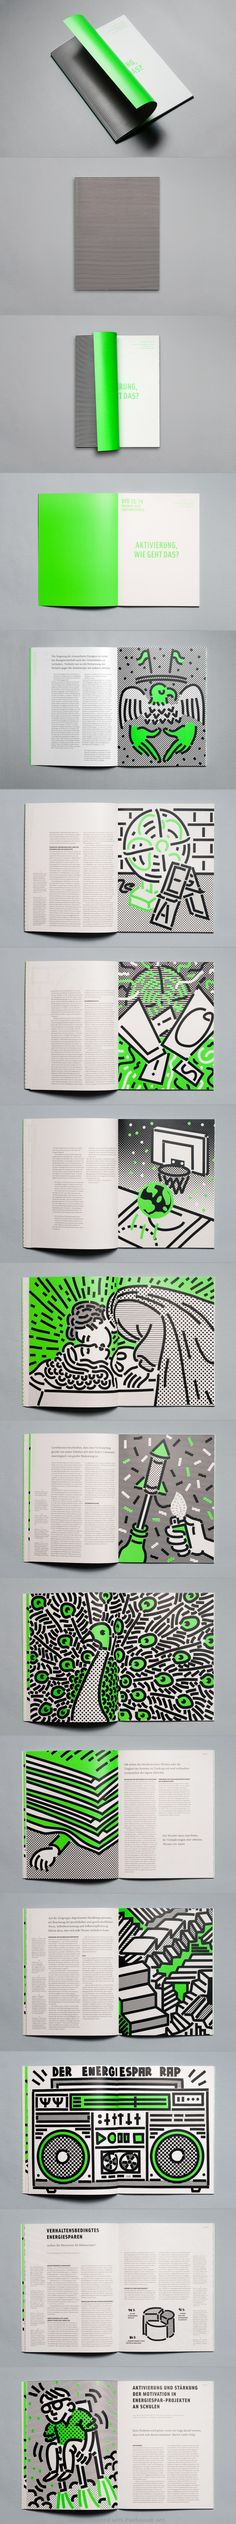 Illustration und Layout der Doppelausgabe des Unabhängigen Instituts für Umweltfragen in Berlin — Lorenzo Zimmermann / Bartholomäus Zientek